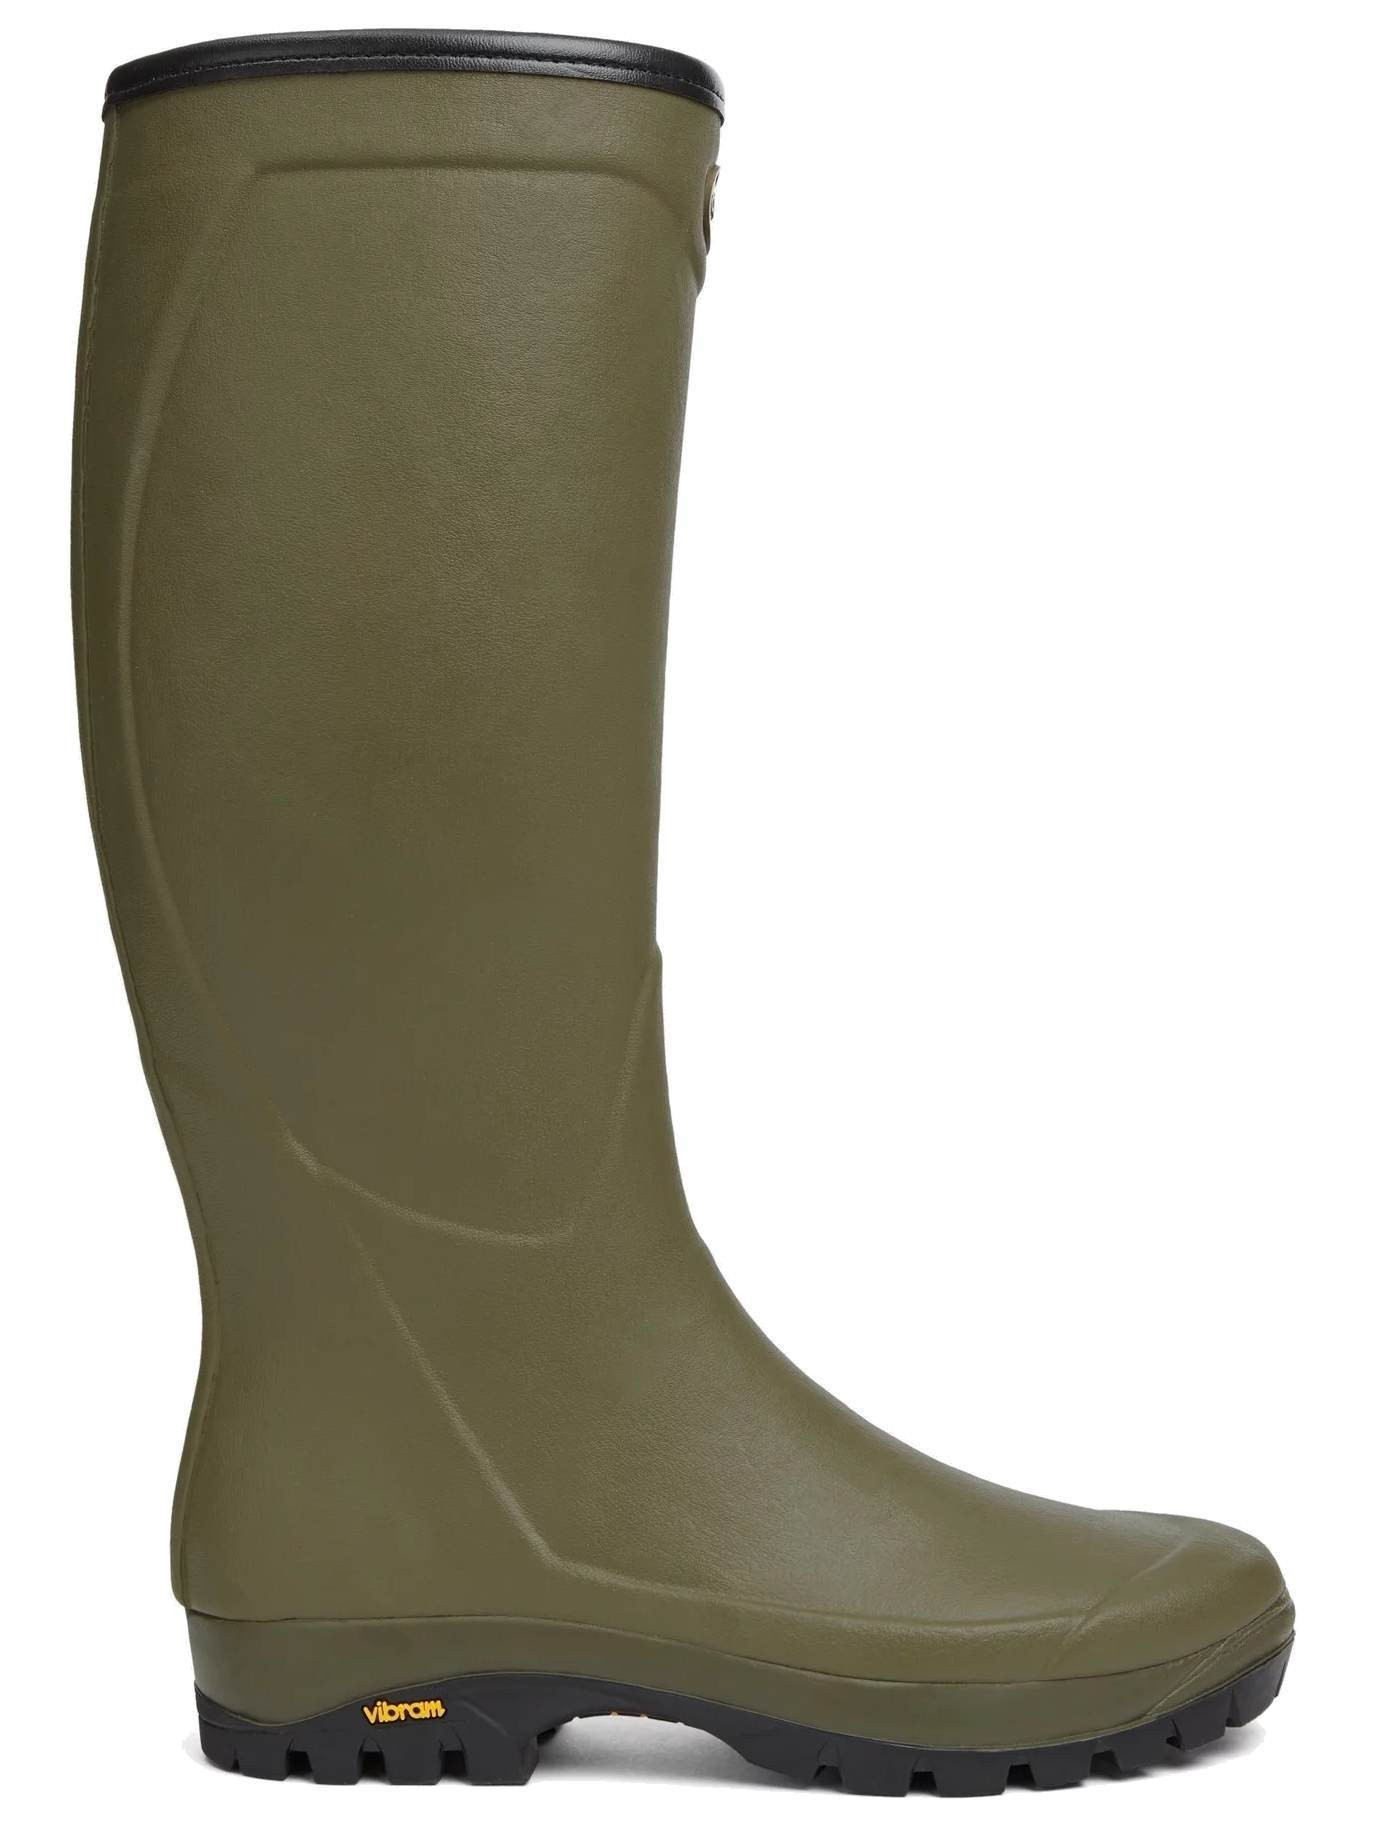 Le Chameau Unisex Country Vibram Wellington Boots Green